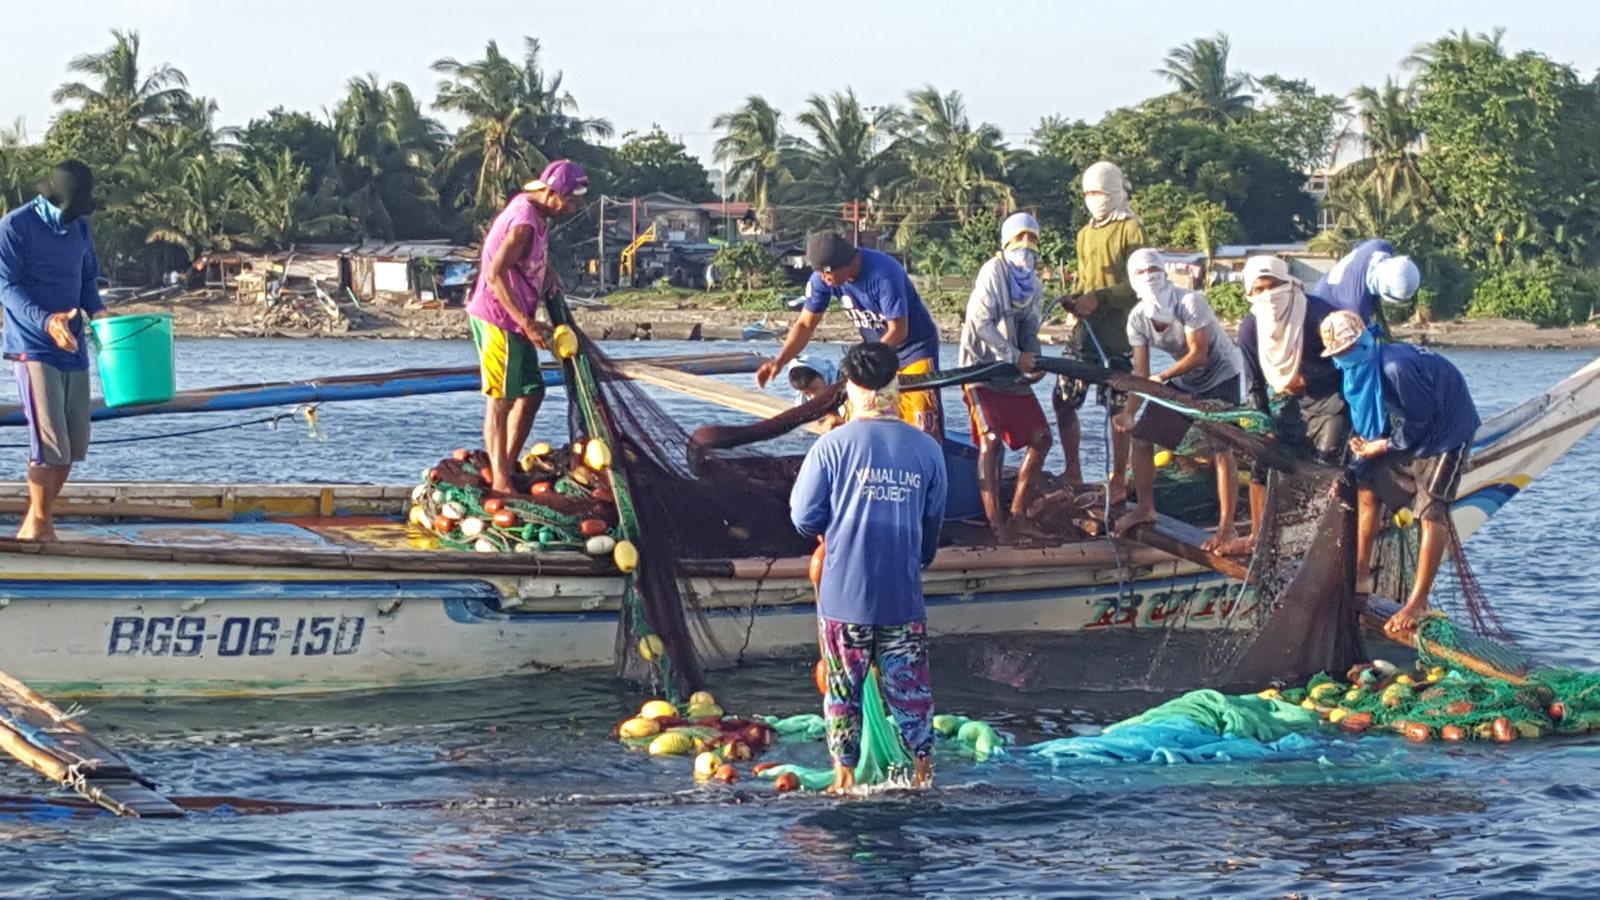 Ninja fishermen at work hauling their nets!